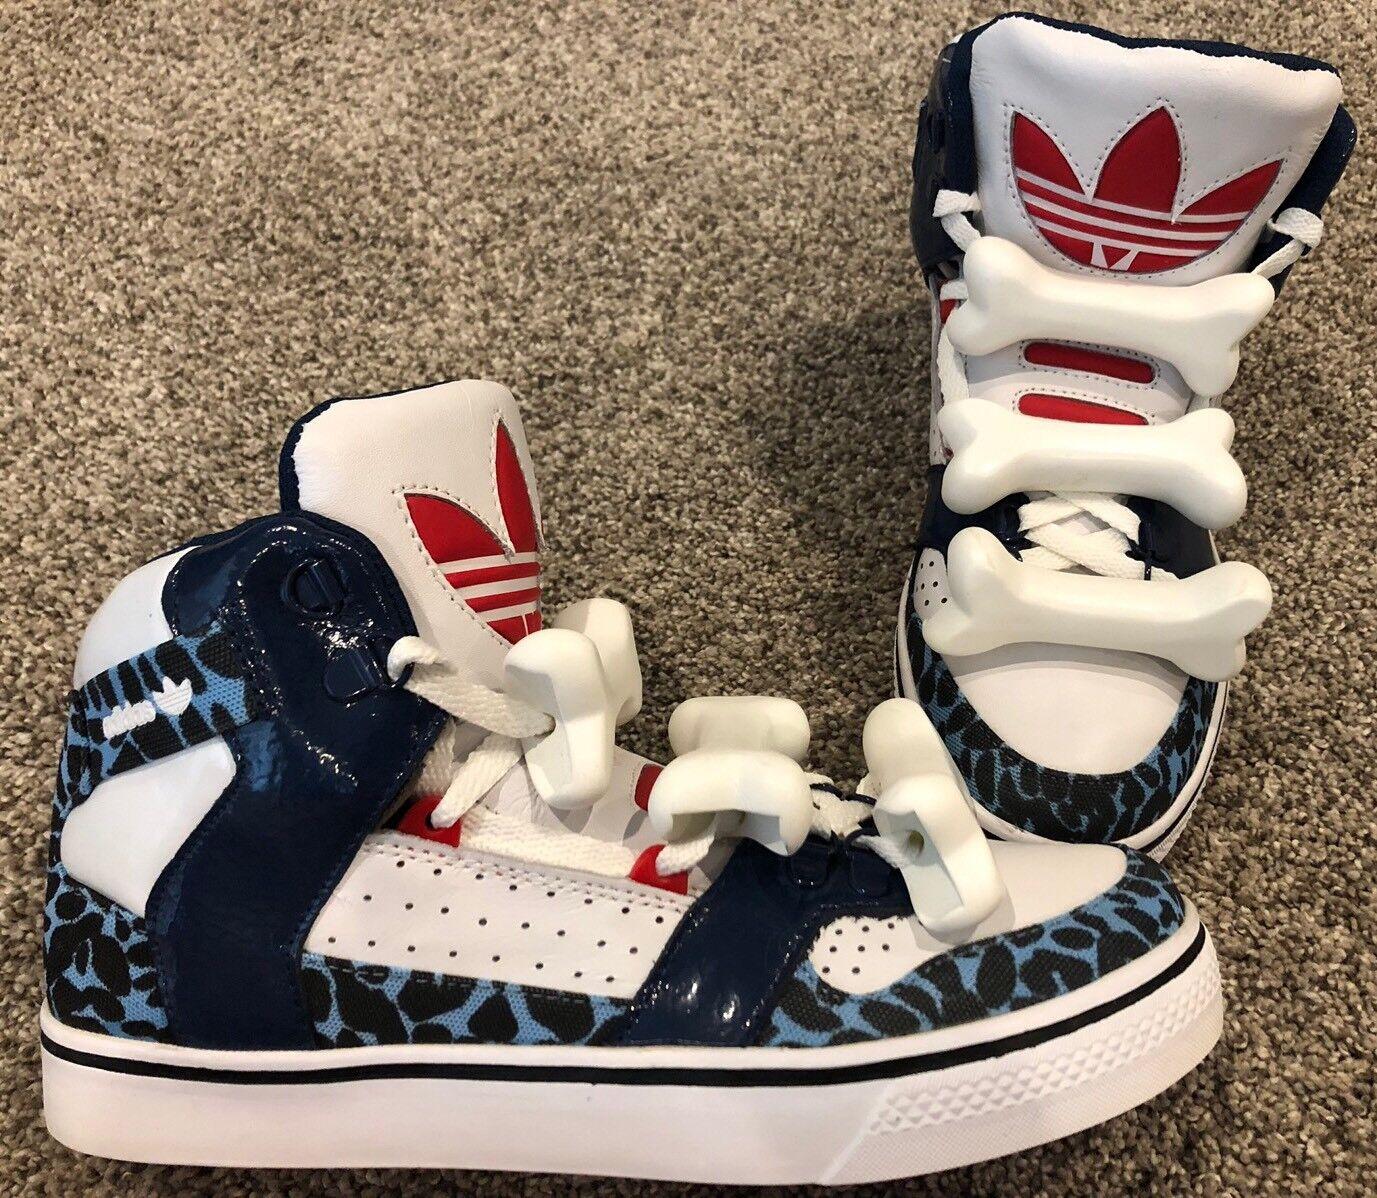 Adidas, edizione limitata 8,5, di jeremy scott bones, misura 8,5, limitata raro raro raro raro raro!!! b609d6